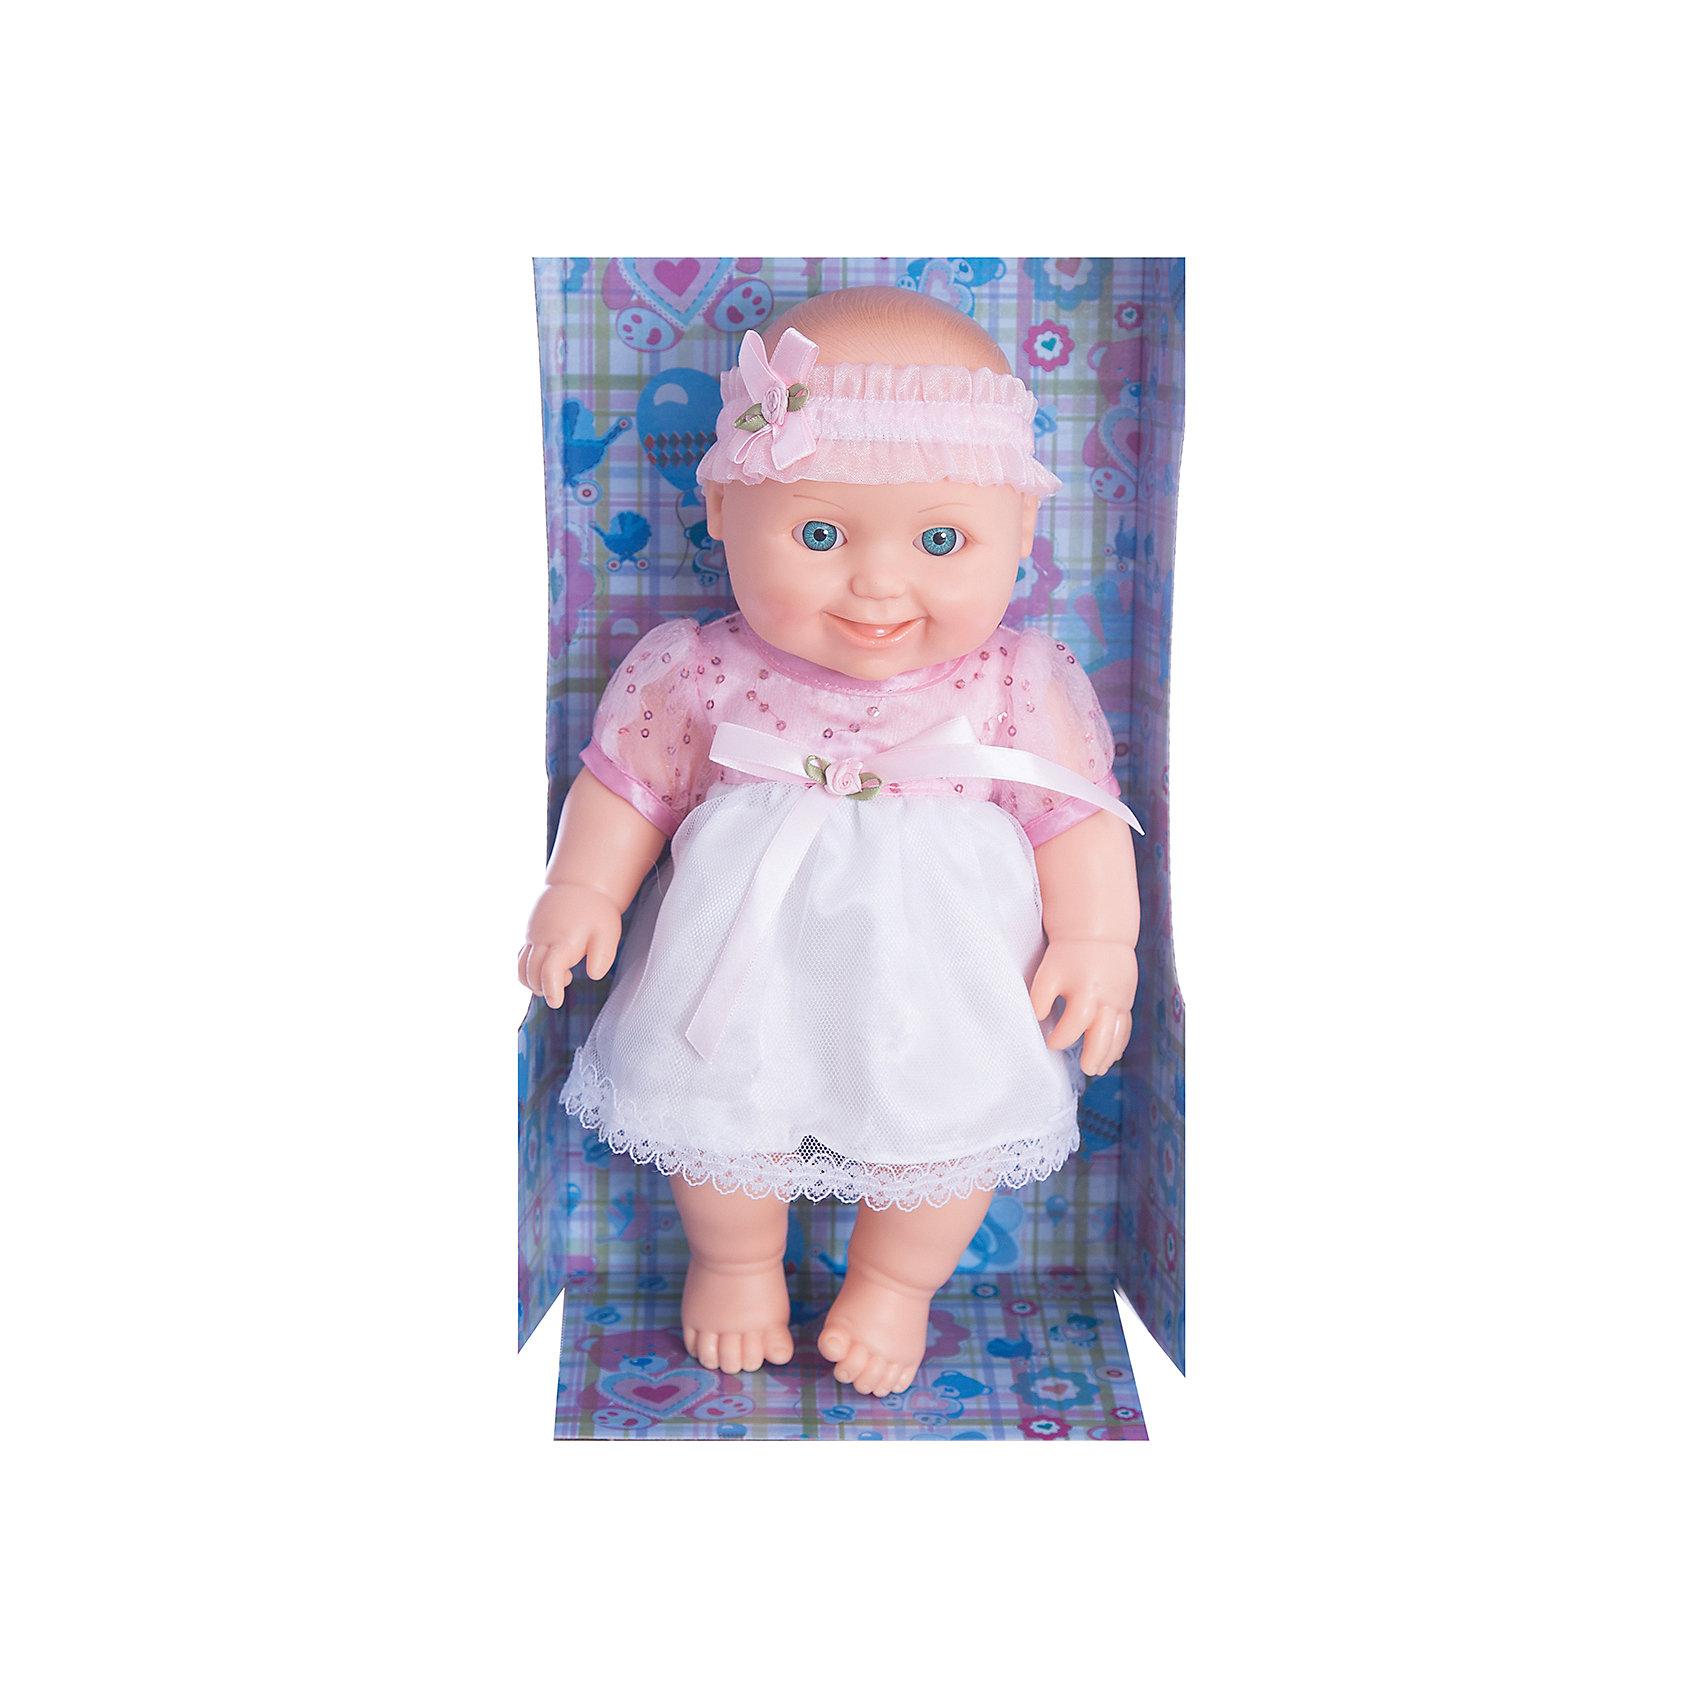 Кукла Малышка 10, пластмассовая, 31 см, ВеснаИгрушки от компании Весна - это простой способ порадовать ребенка! Кукла для девочки - это не только игрушка, с которой можно весело провести время, кукла - это возможность отрабатывать навыки поведения в обществе, учиться заботе о других, делать прически и одеваться согласно моде и поводу.<br>Эта красивая кукла-пупс только симпатично выглядит, она дополнена модным нарядом! У нее двигаются руки и ноги. Такая кукла запросто может стать самой любимой игрушкой! Произведена из безопасных для ребенка и качественных материалов.<br><br>Дополнительная информация:<br><br>цвет: разноцветный;<br>материал: пластик, текстиль;<br>комплектация: кукла, одежда;<br>высота: 31 см.<br><br>Куклу Малышка 10, пластмассовая, 31 см, от компании Весна можно купить в нашем магазине.<br><br>Ширина мм: 335<br>Глубина мм: 350<br>Высота мм: 205<br>Вес г: 460<br>Возраст от месяцев: 36<br>Возраст до месяцев: 120<br>Пол: Женский<br>Возраст: Детский<br>SKU: 4642027